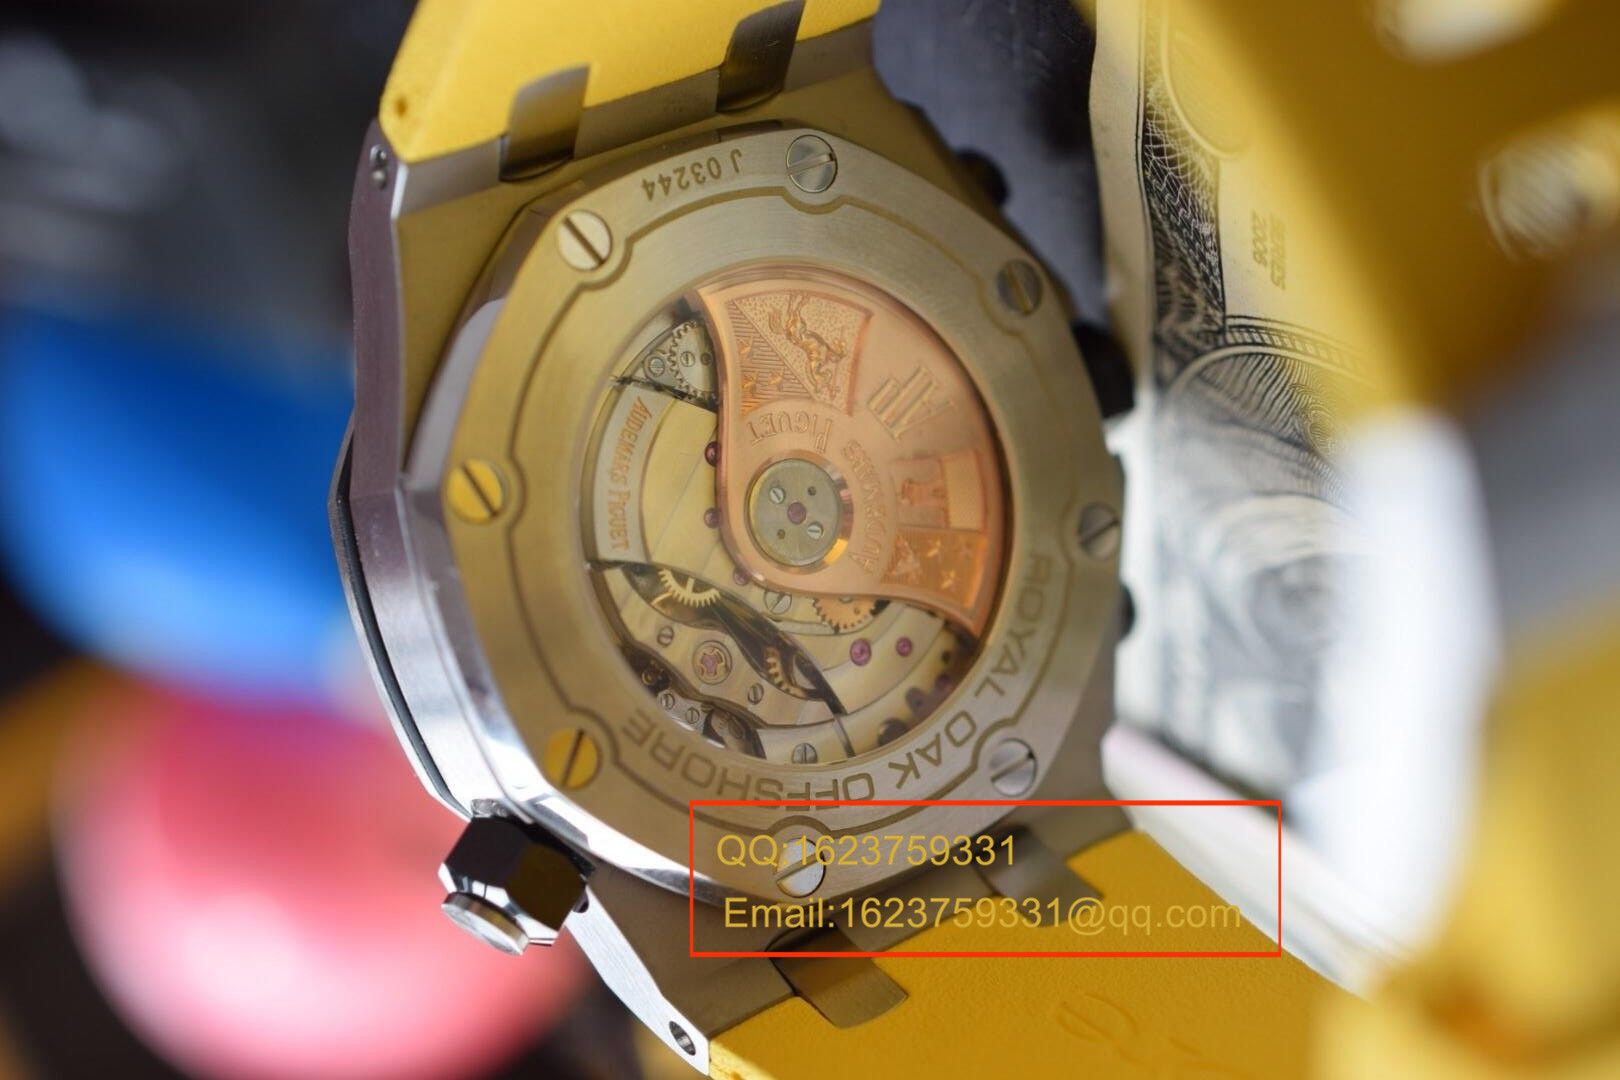 【视频解析】JF厂1:1精仿手表之爱彼皇家橡树离岸型系列26703ST.OO.A051CA.01机械男表 / AP025B